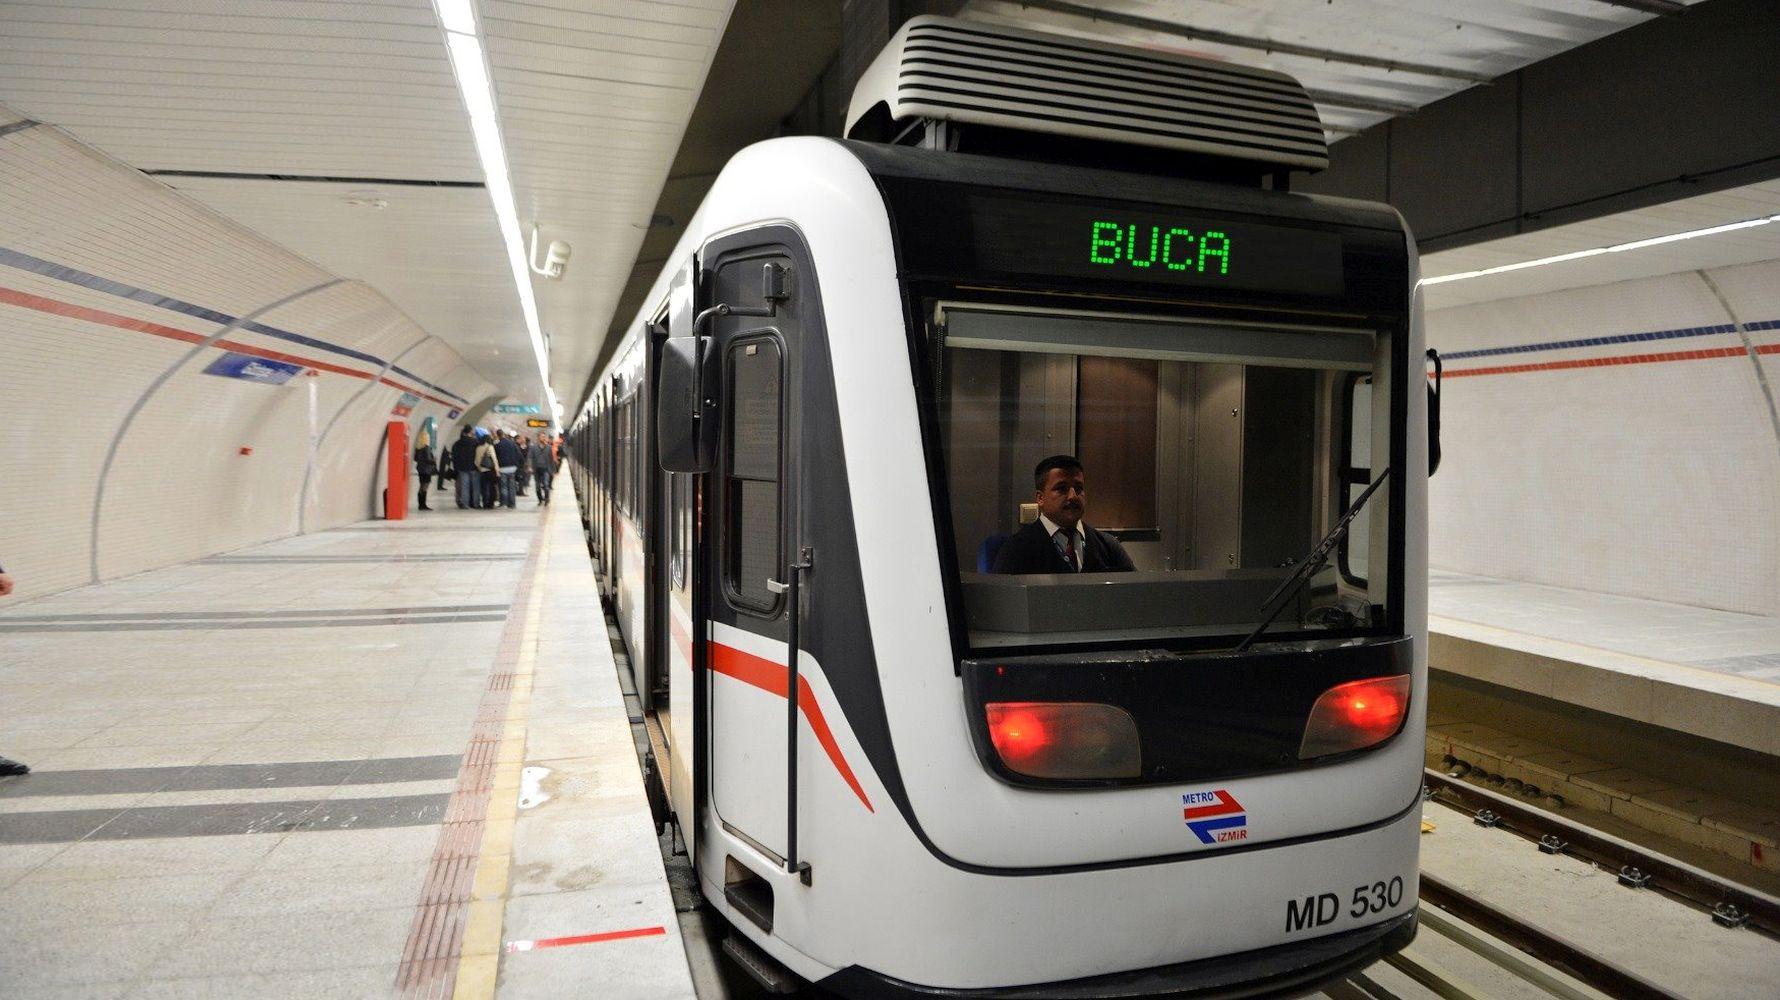 buca metro tender process begins